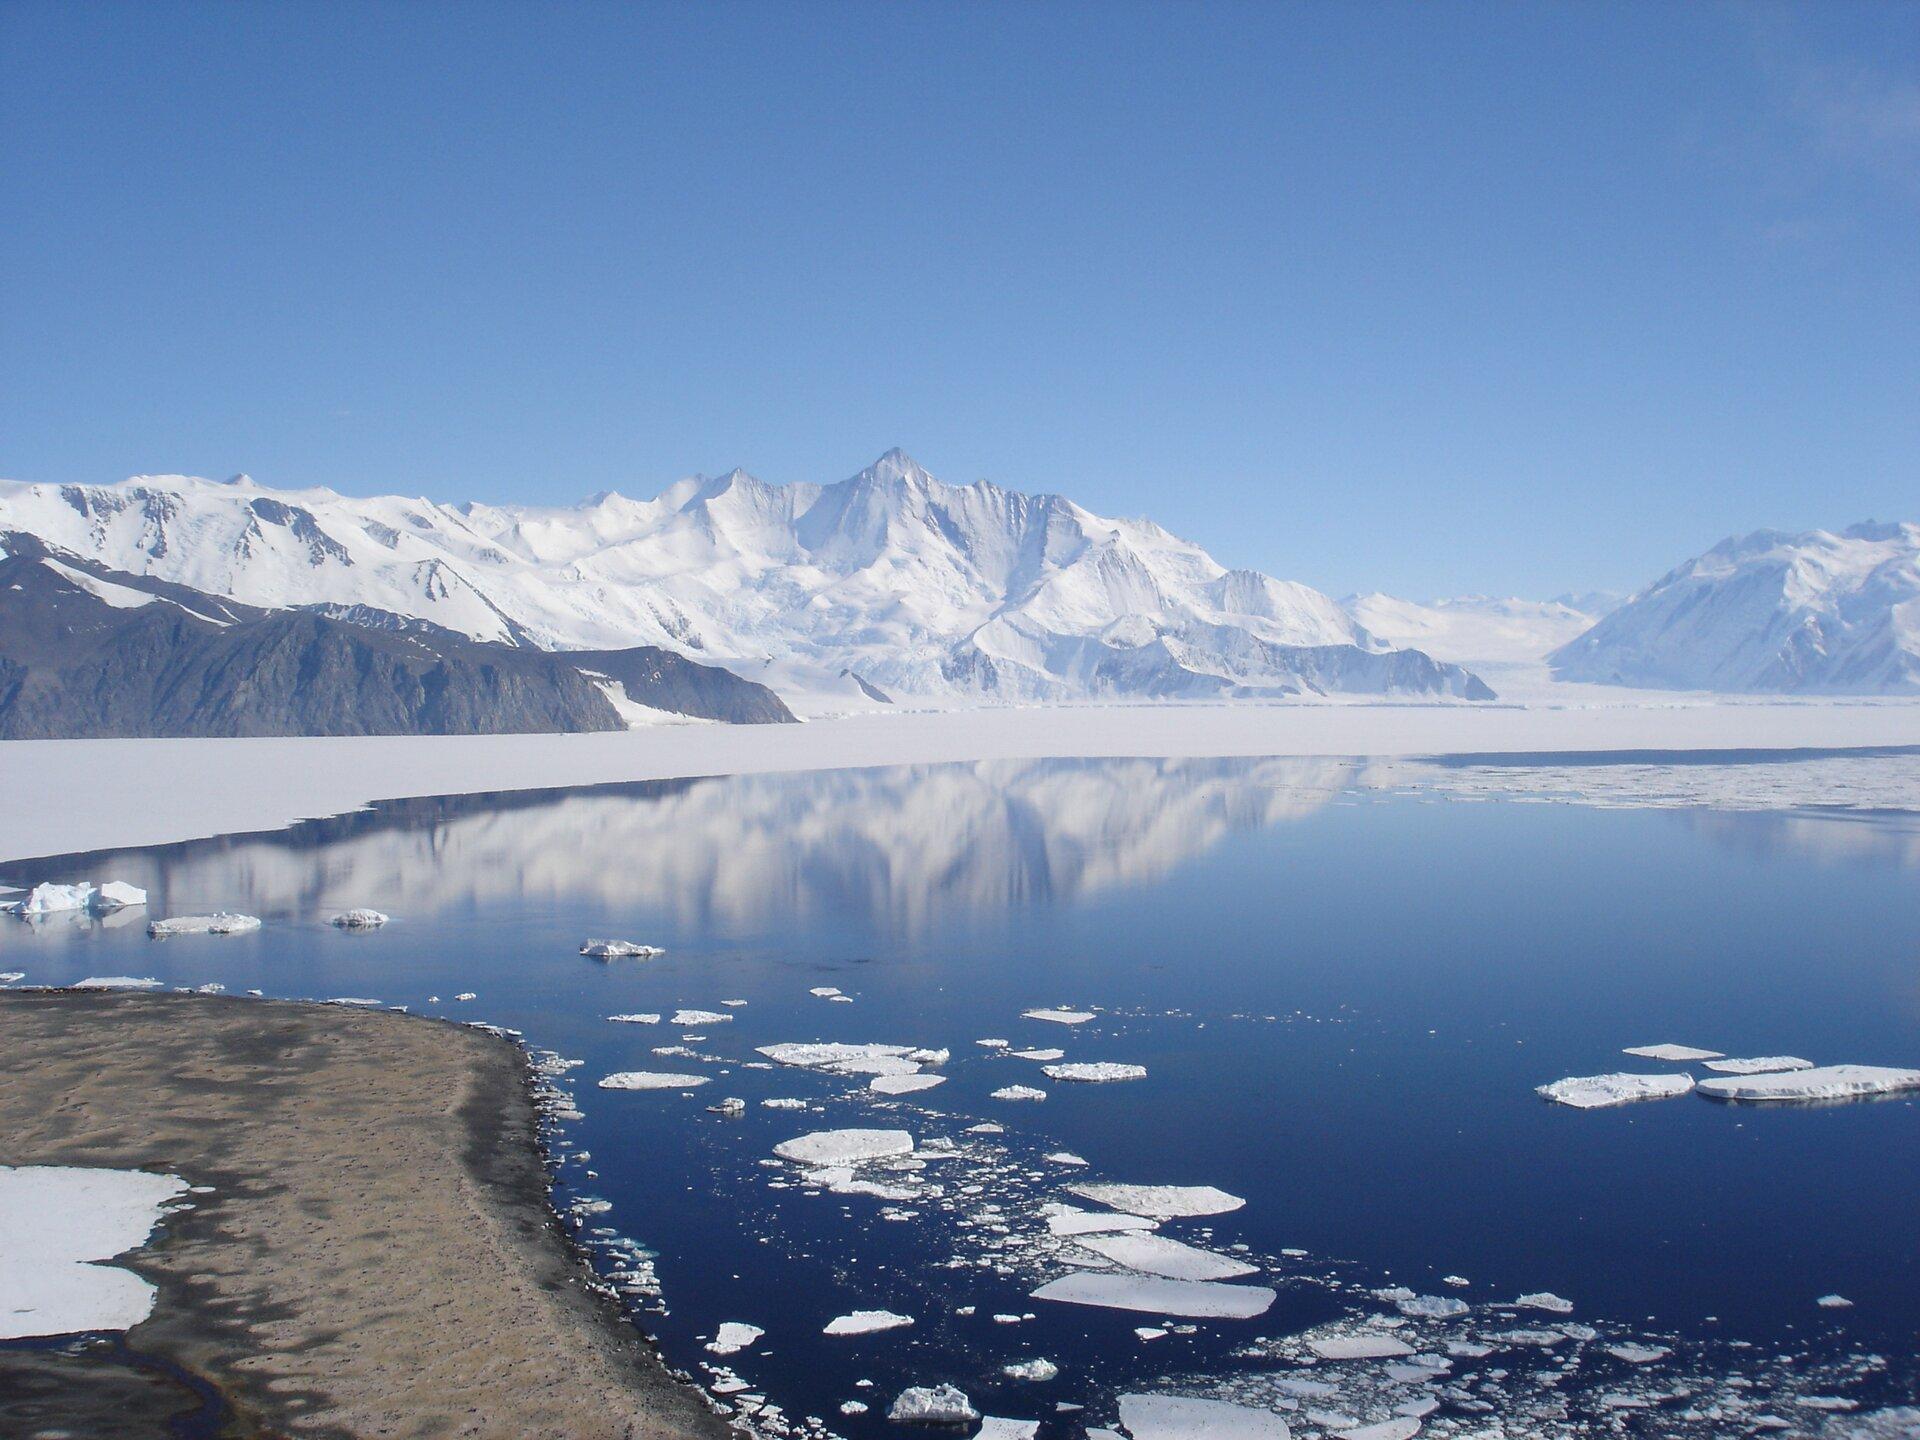 Na ilustracji brzeg morza, piaszczysta plaża, wwodzie kry lodowe, na drugim brzegu ośnieżone góry schodzące do morza.